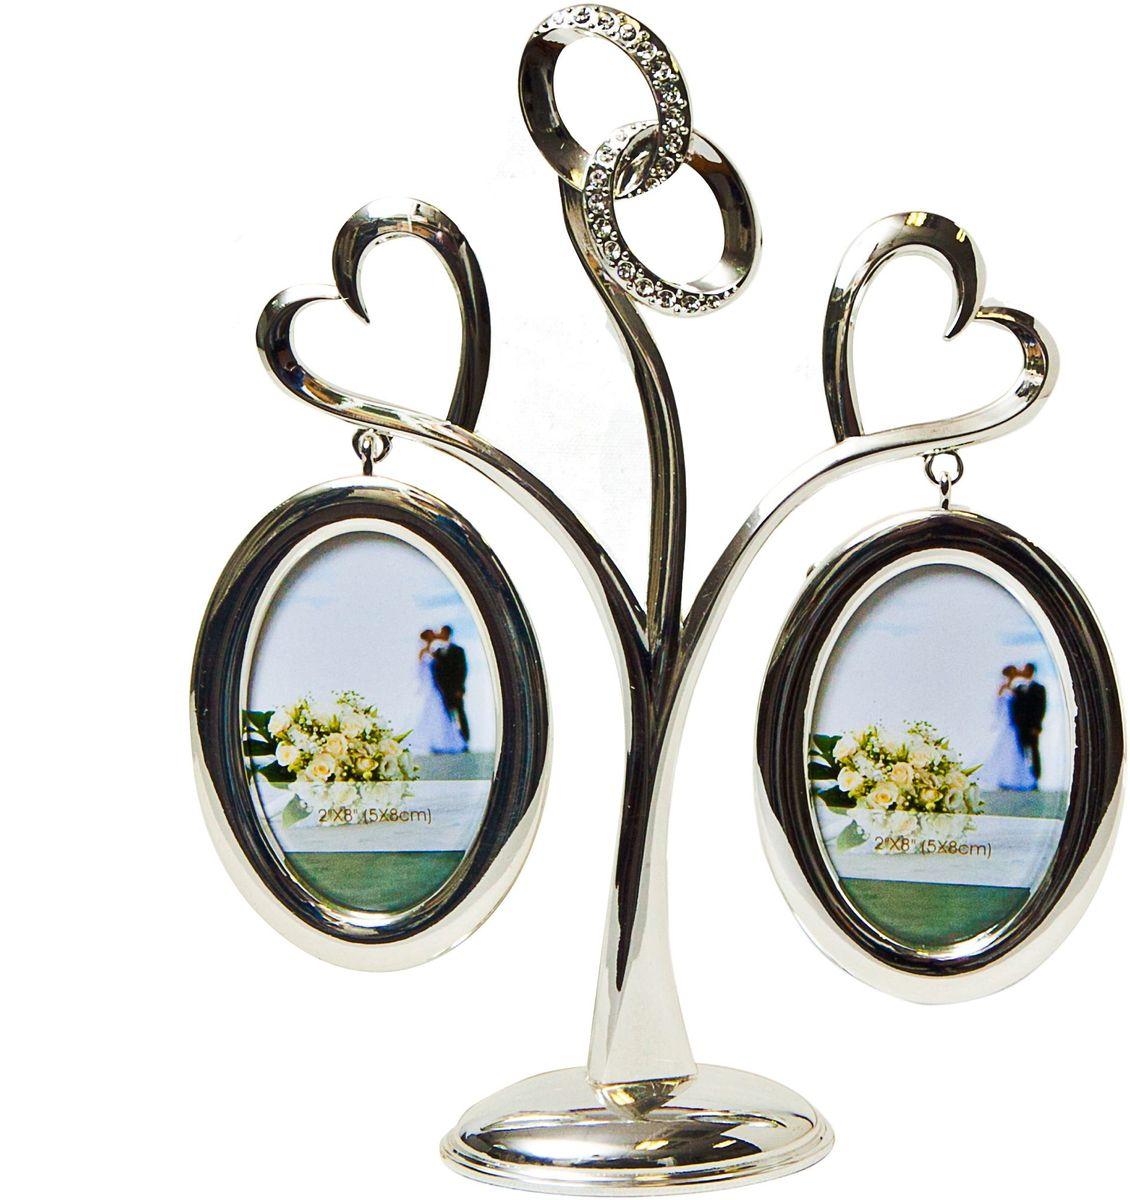 """Фоторамка Platinum """"Дерево. Сердца с кольцами"""", цвет: светло-серый, на 2 фото, 5 x 8 см. PF10021A 2 фоторамки на дереве PF10021A"""